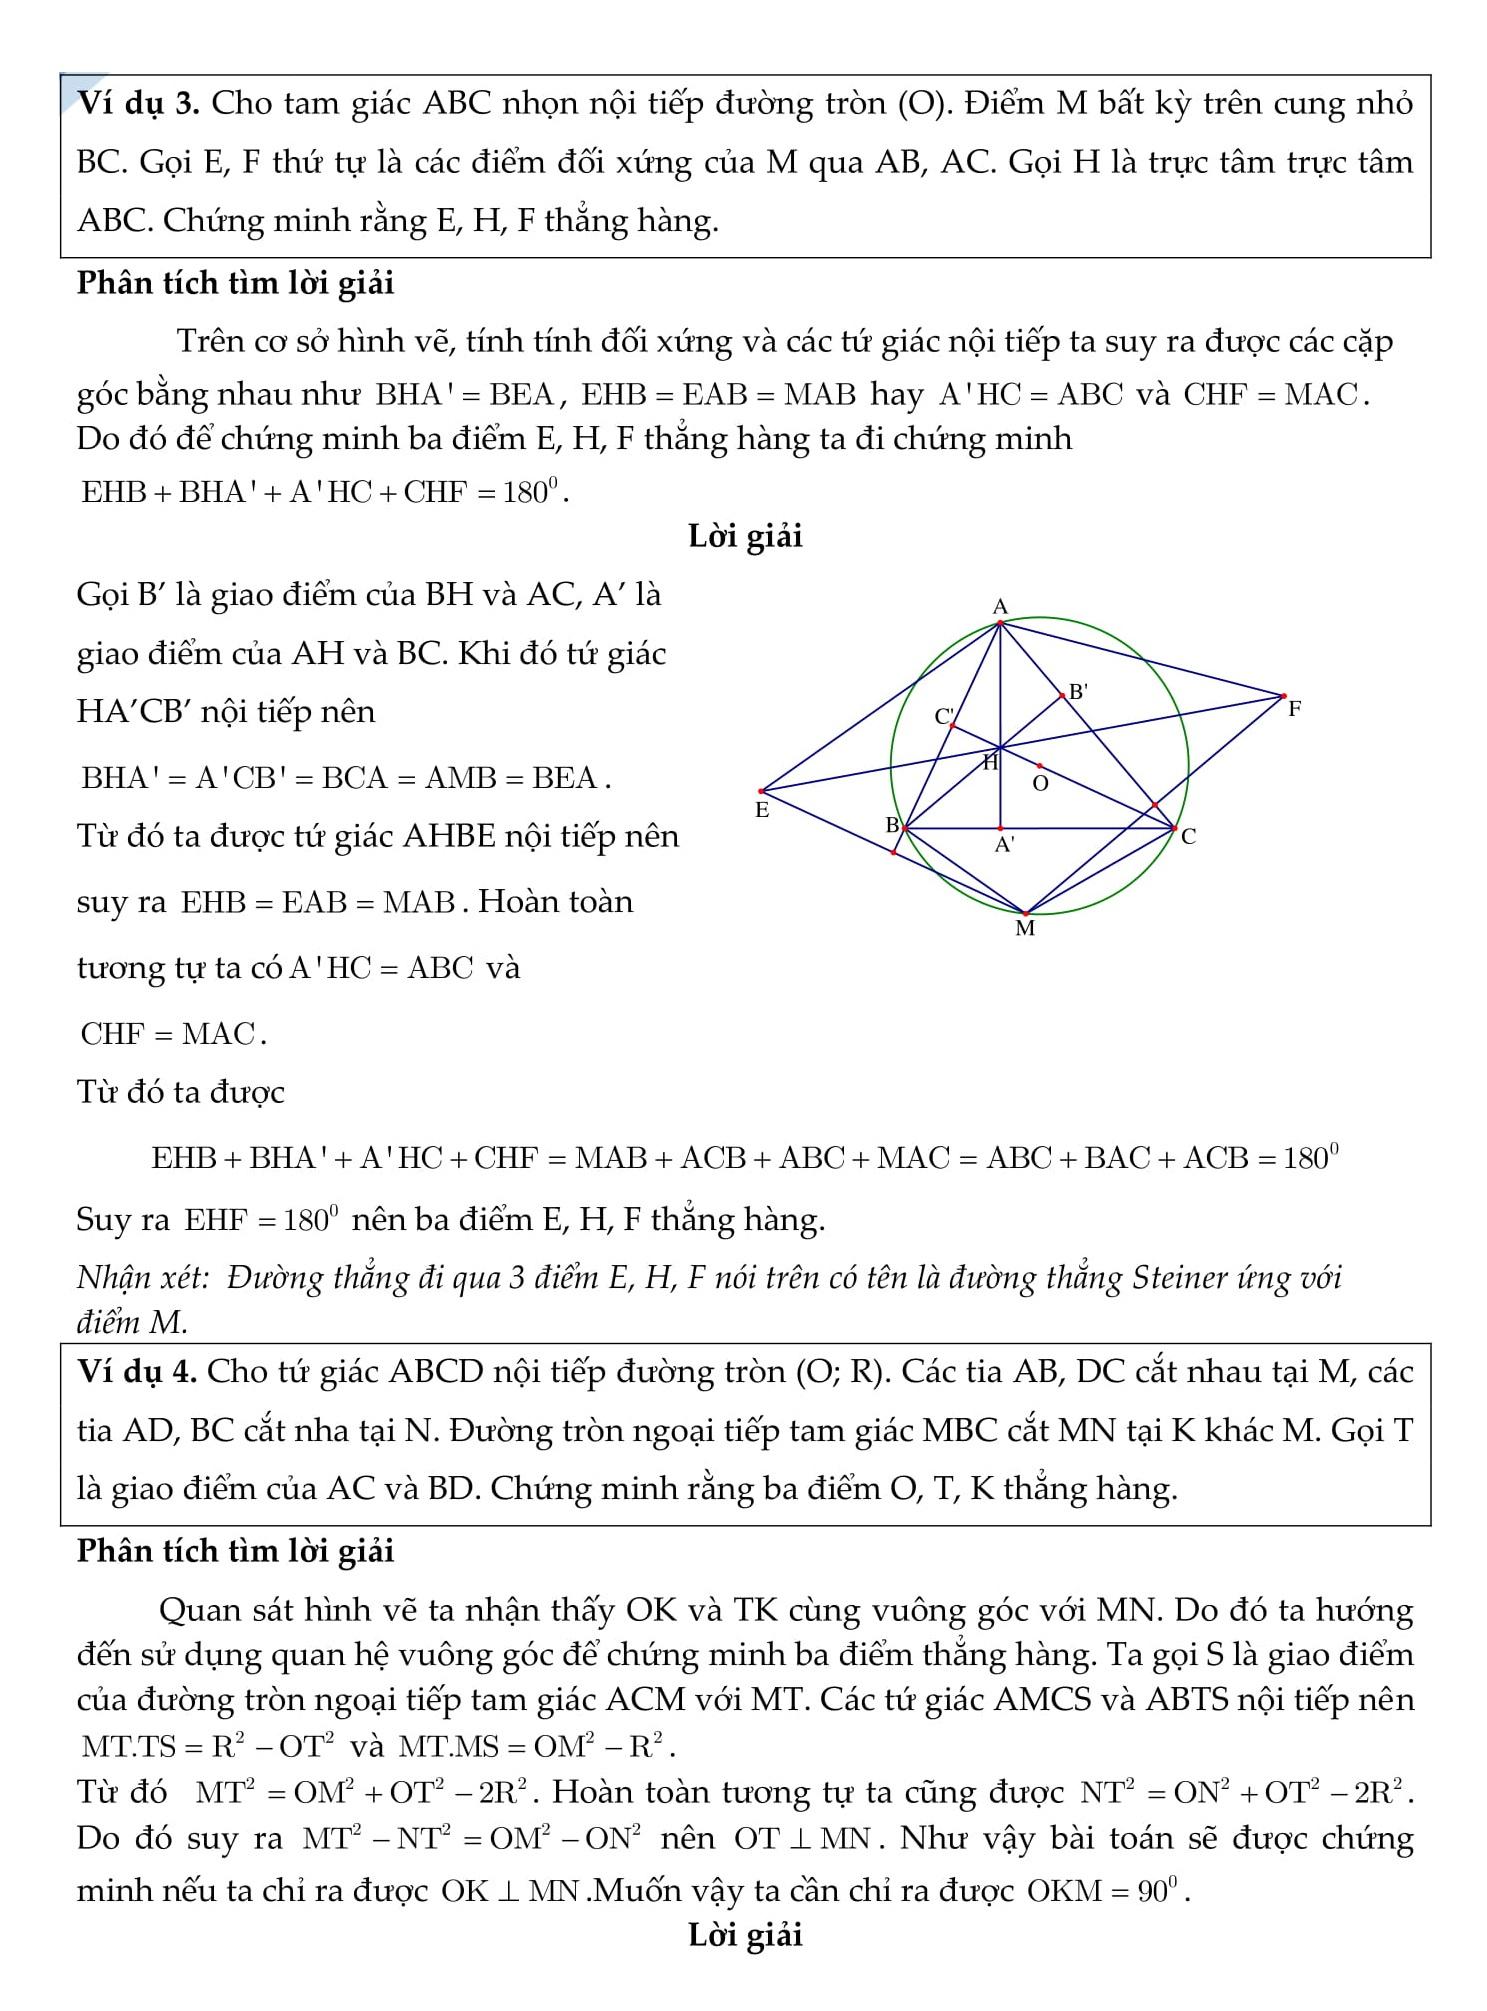 Chuyên đề: Các đường thẳng đồng quy và bài tập chứng minh 3 điểm thẳng hàng